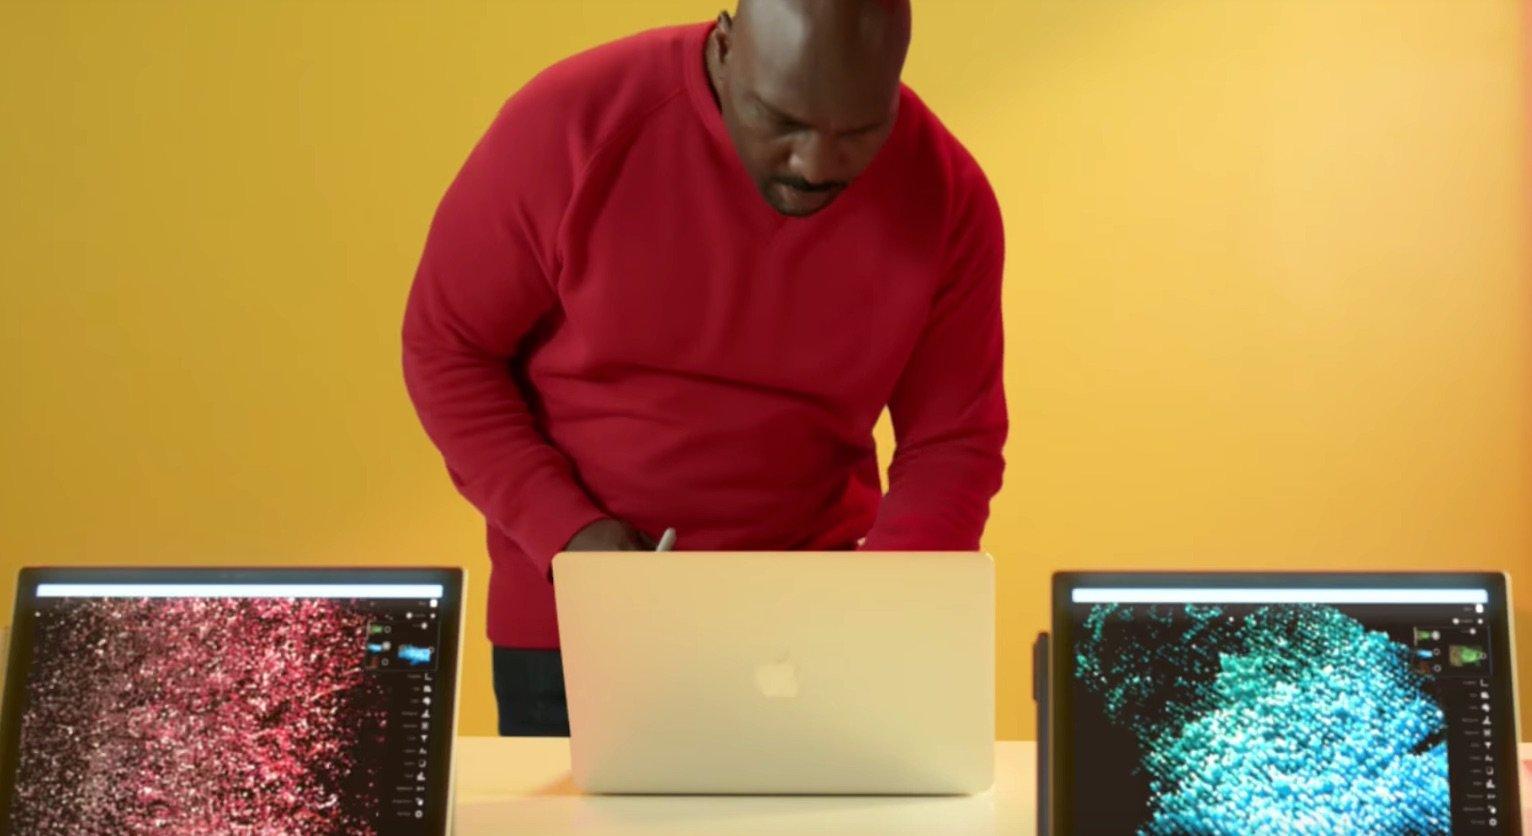 Microsoft Surface Pro 4: Microsoft Werbung stichelt weiter gegen das Apple MacBook 6